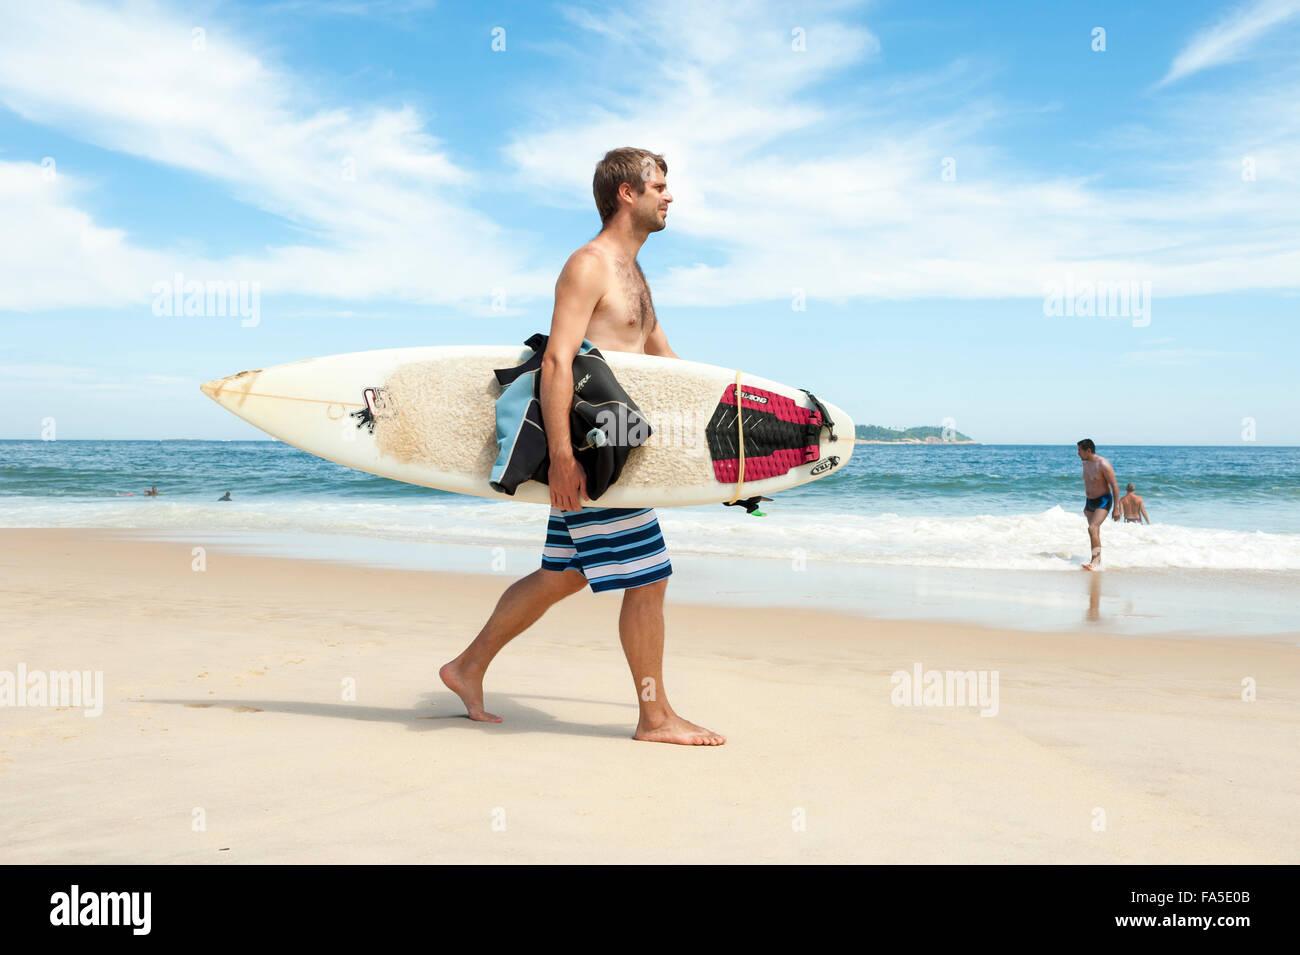 RIO DE JANEIRO, Brasilien - 29. März 2014: Brasilianische Surfer mit Surfbrett am Strand von Ipanema-Strand Stockbild